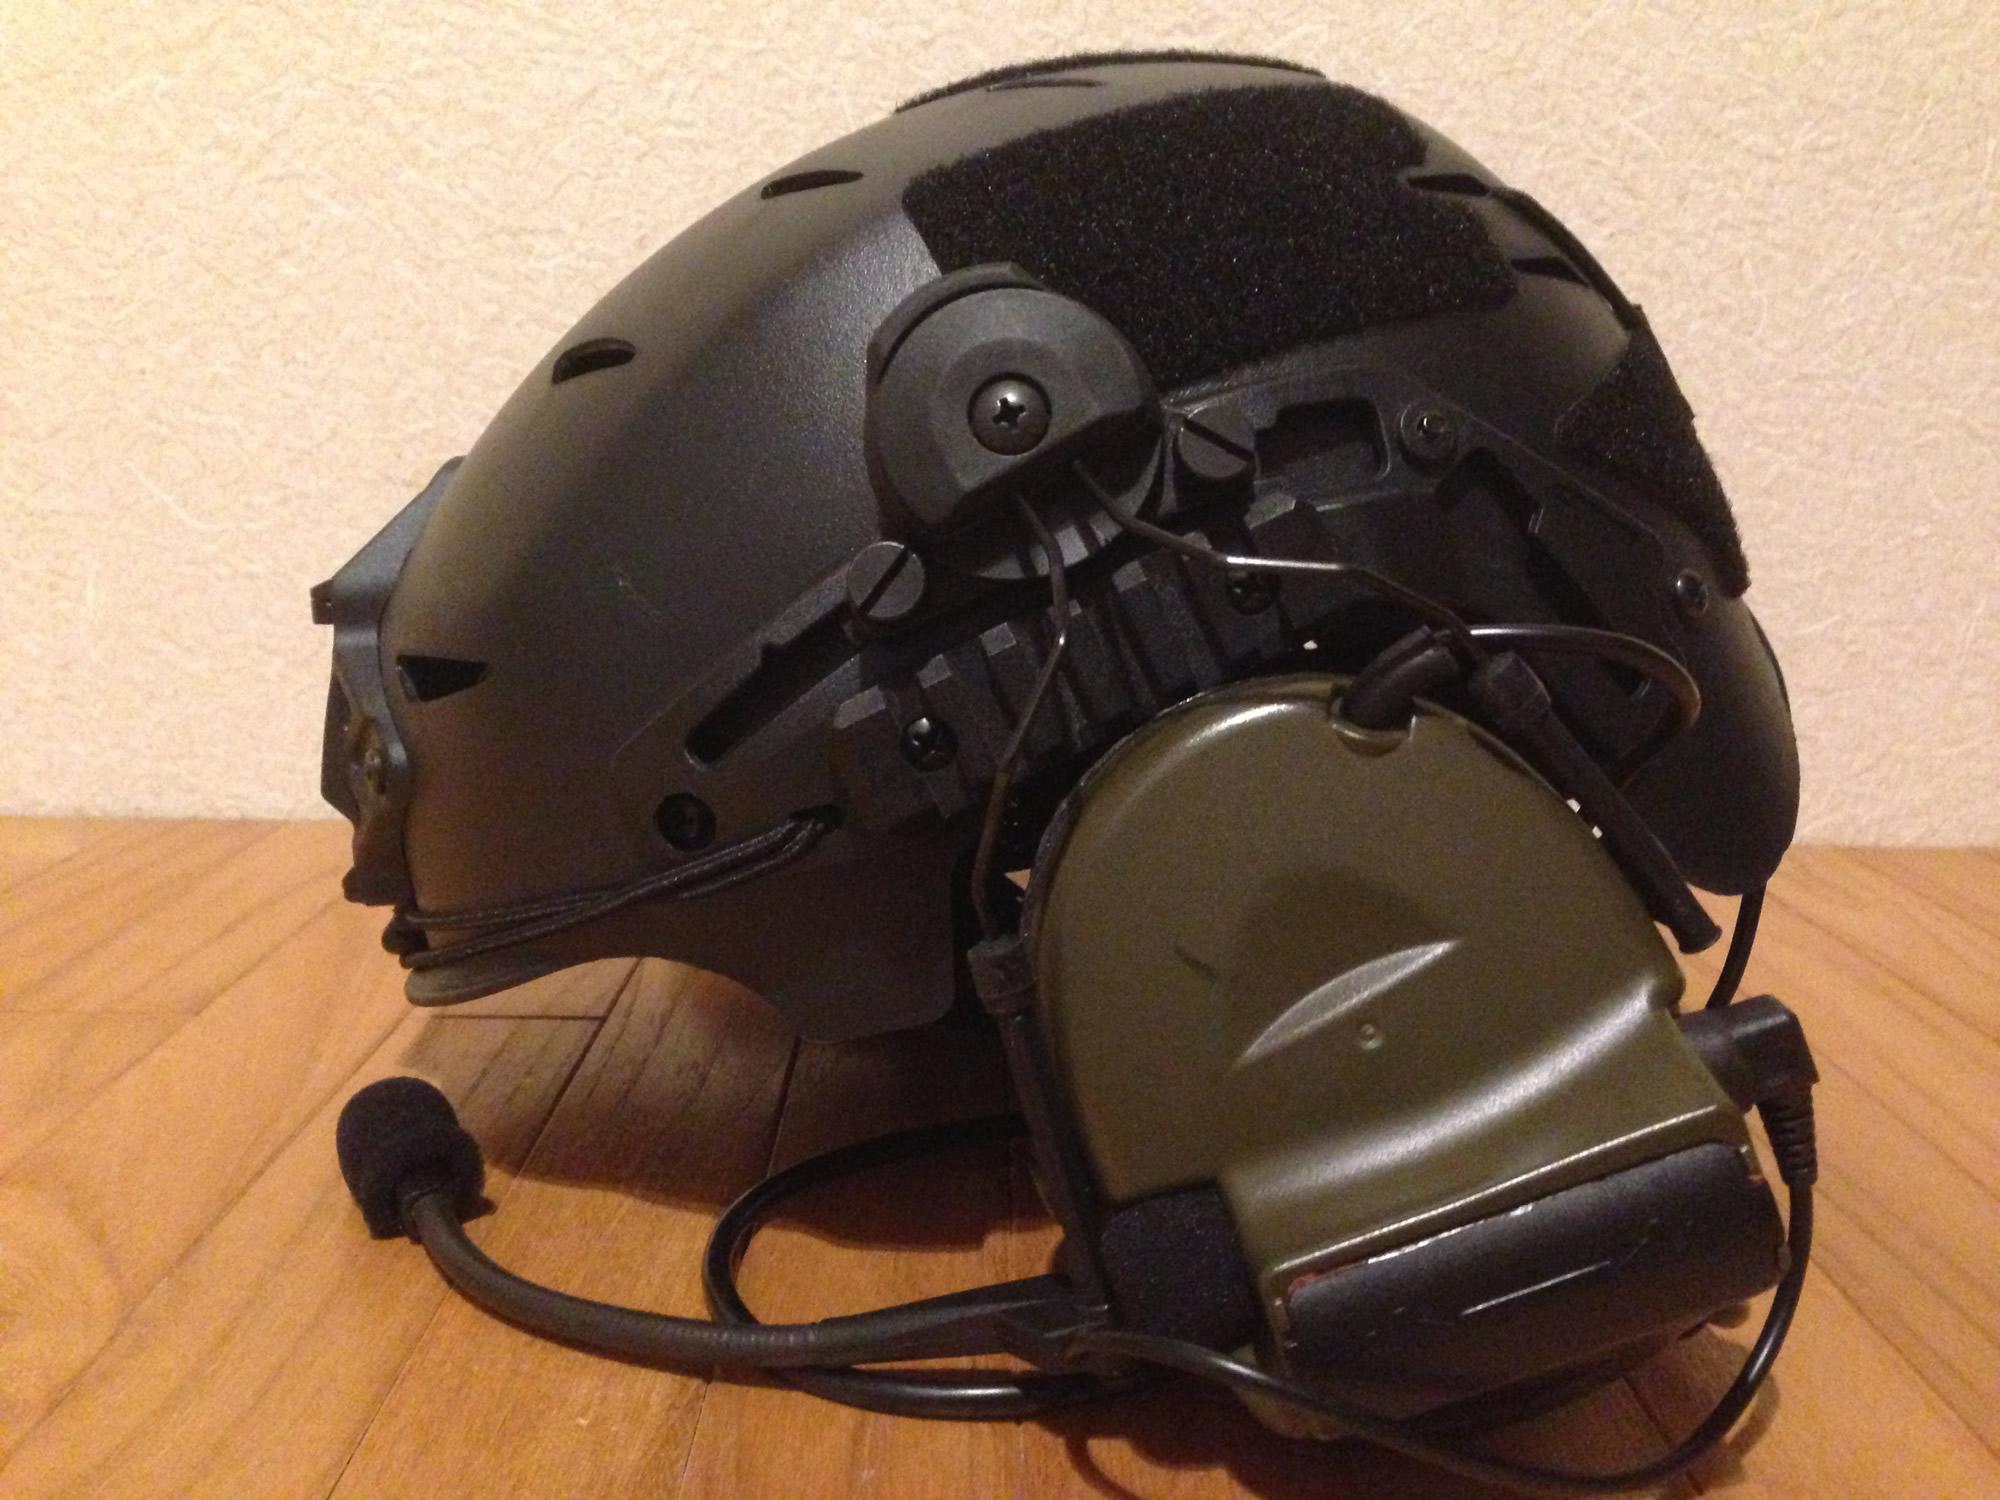 FMA EXFIL タイプ ヘルメット用 ヘッドセットアダプター(comtac2用)